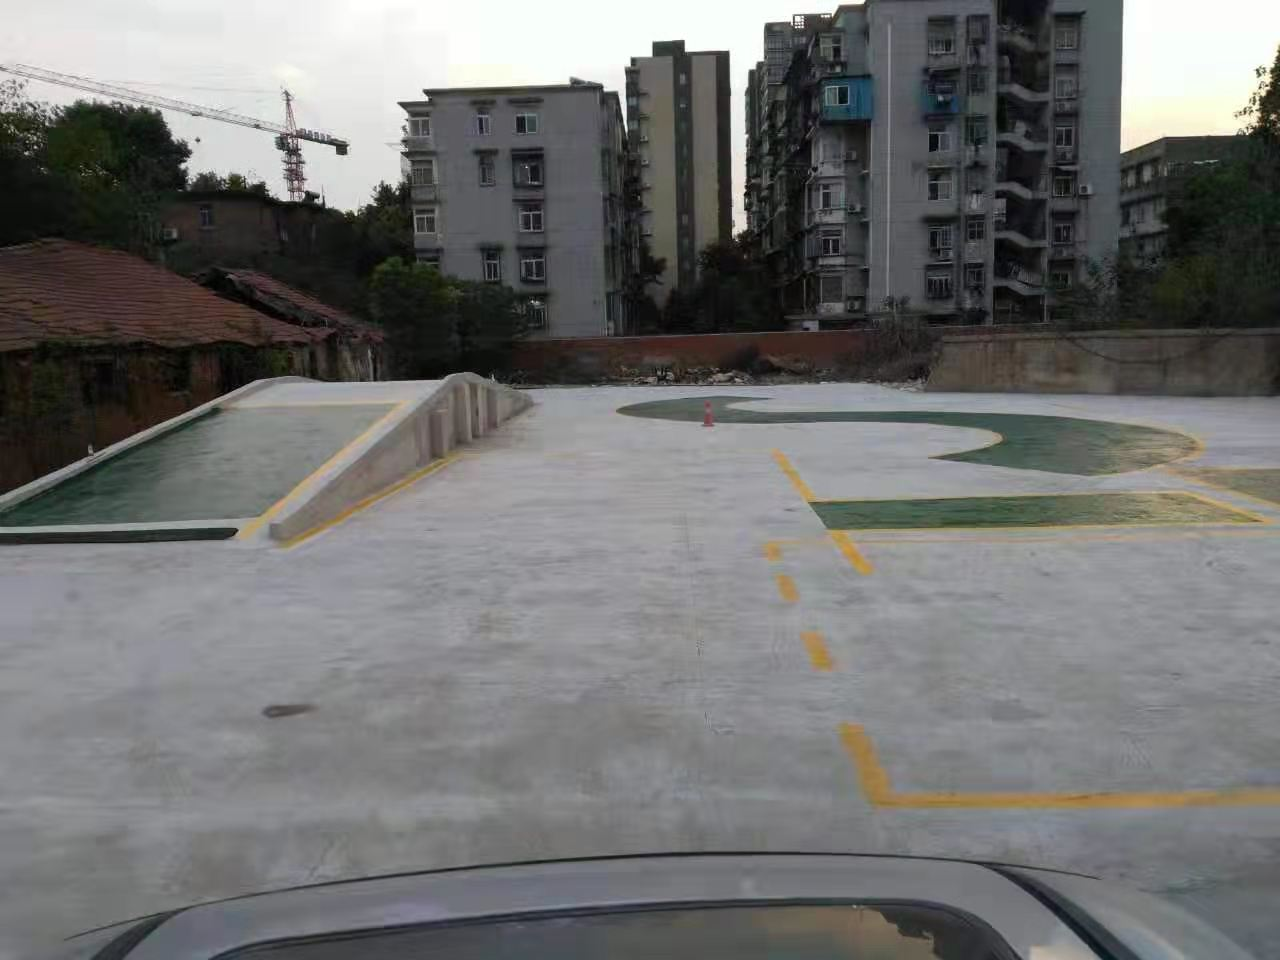 青山區建一冶堪金地花園專業學車哪家口碑好 值得信賴 武漢市天天和頤駕駛員培訓供應